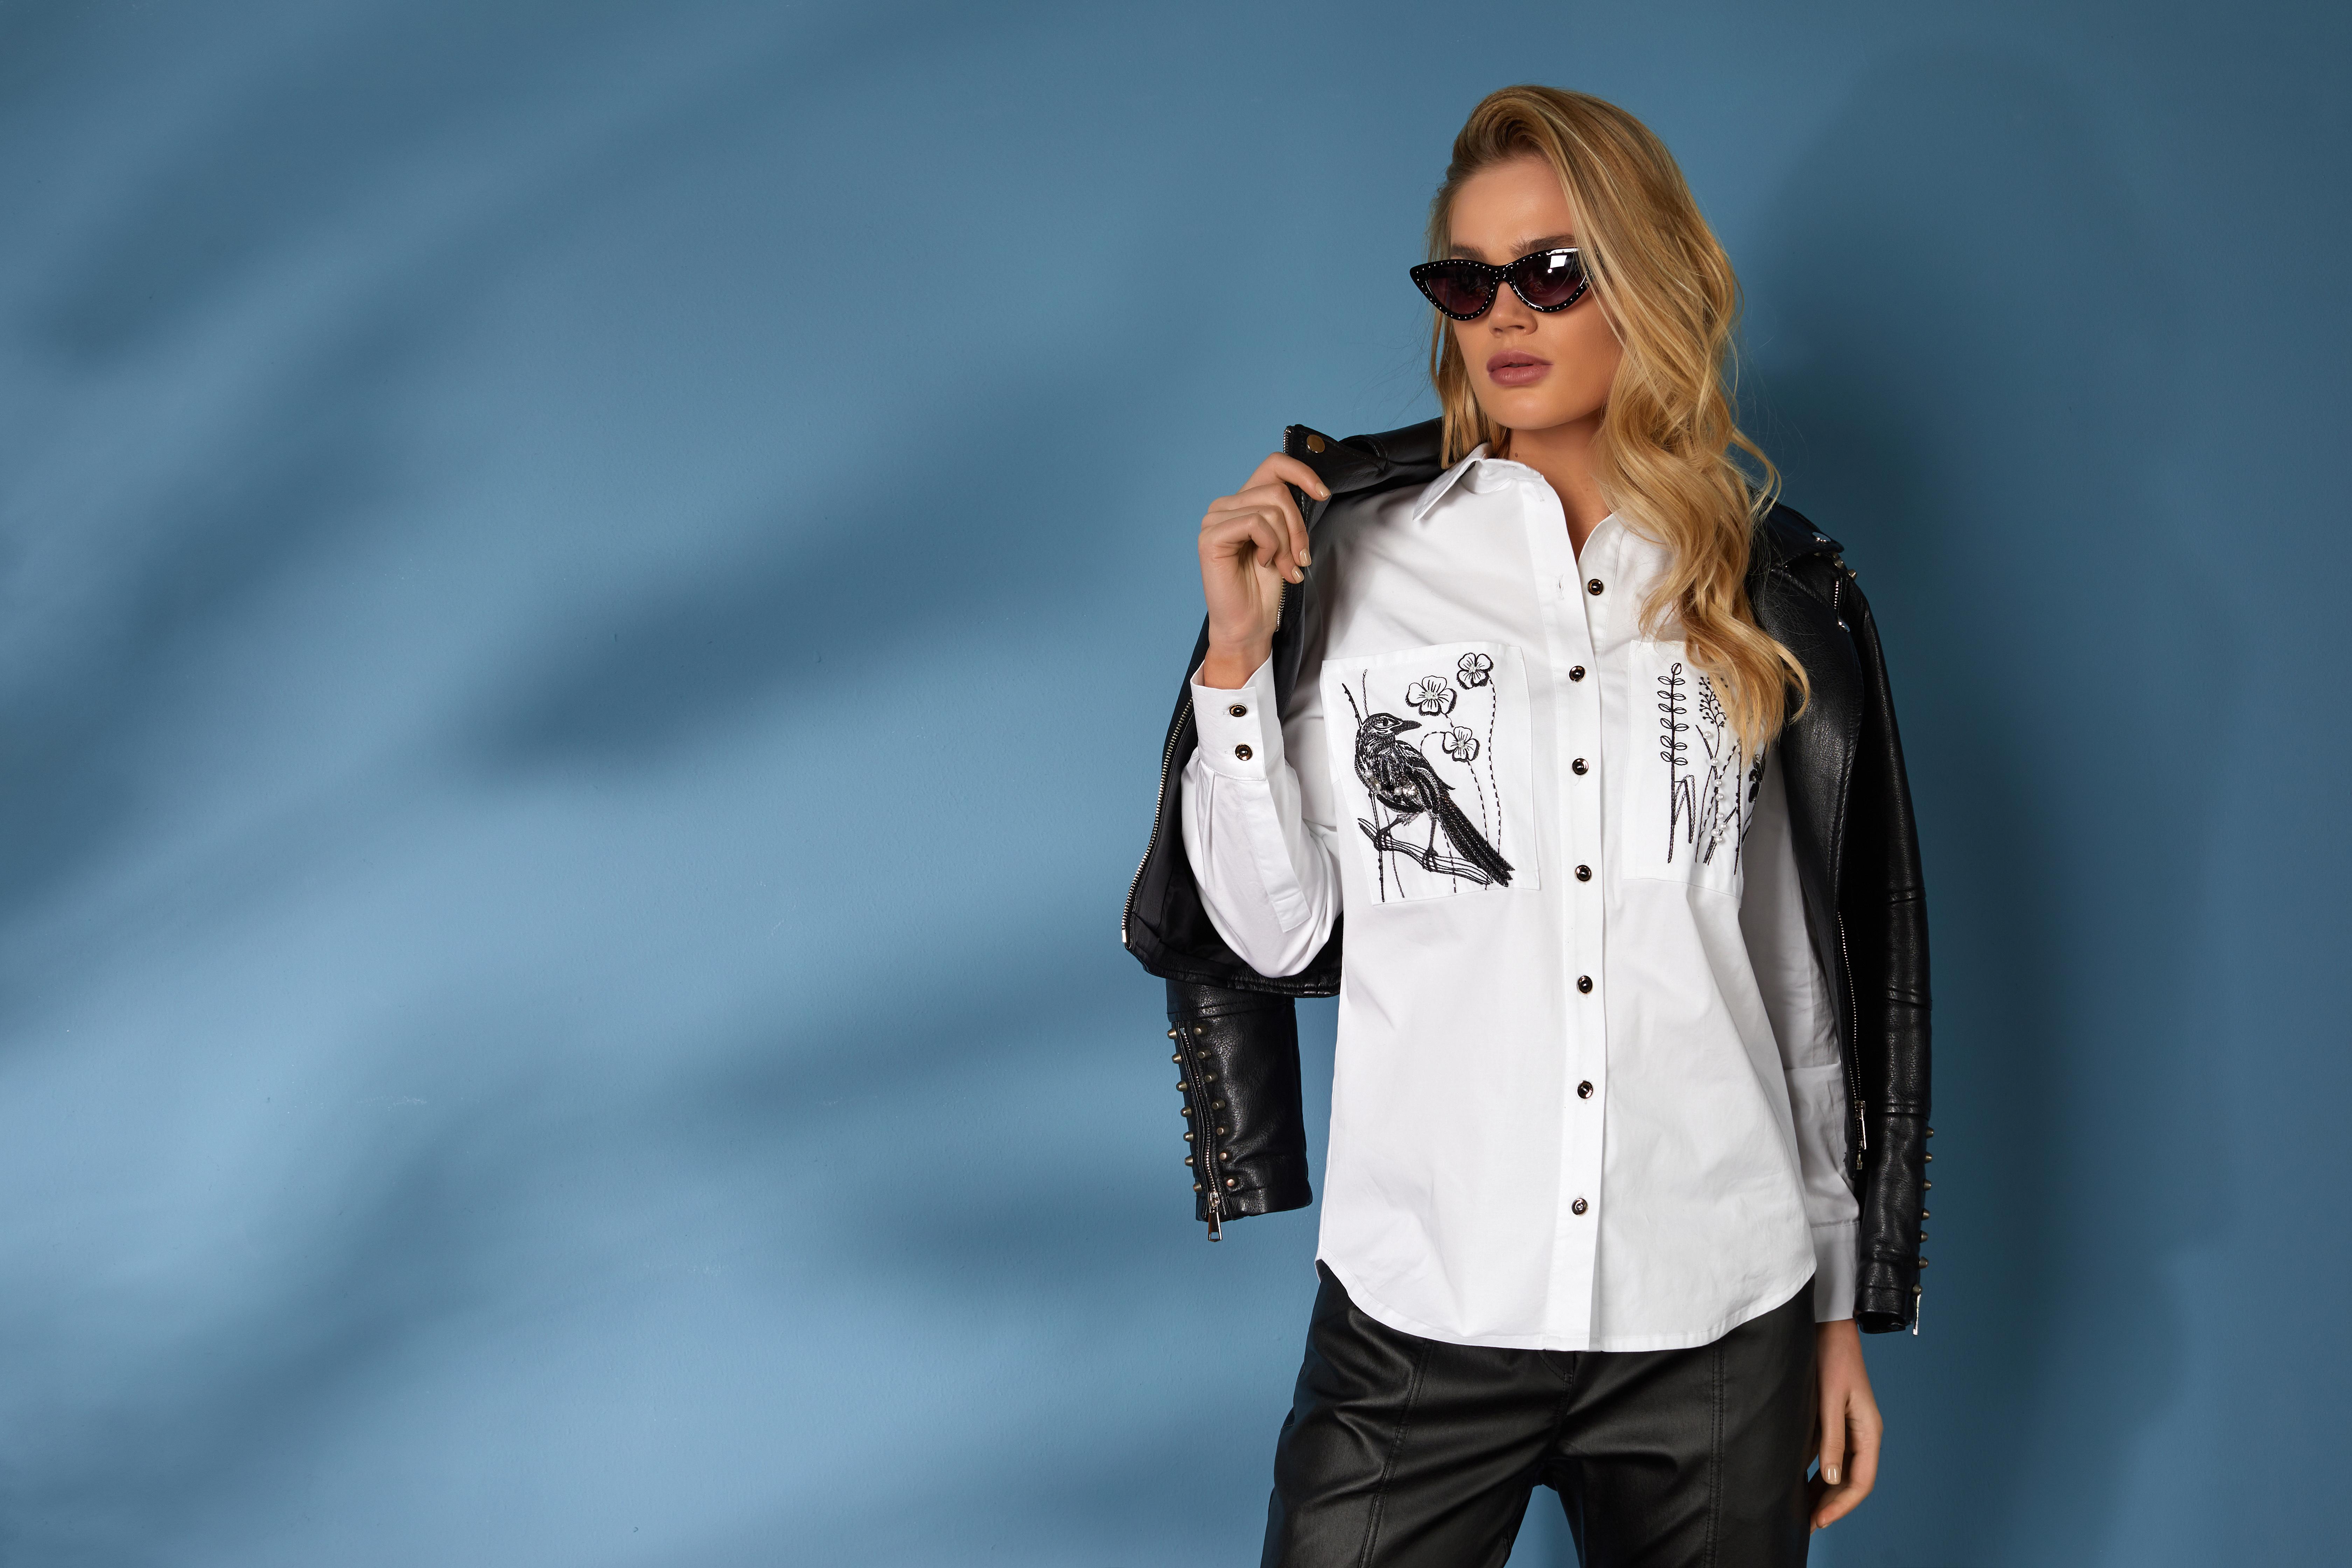 Рубашка 619-1, брюки 606 (11)